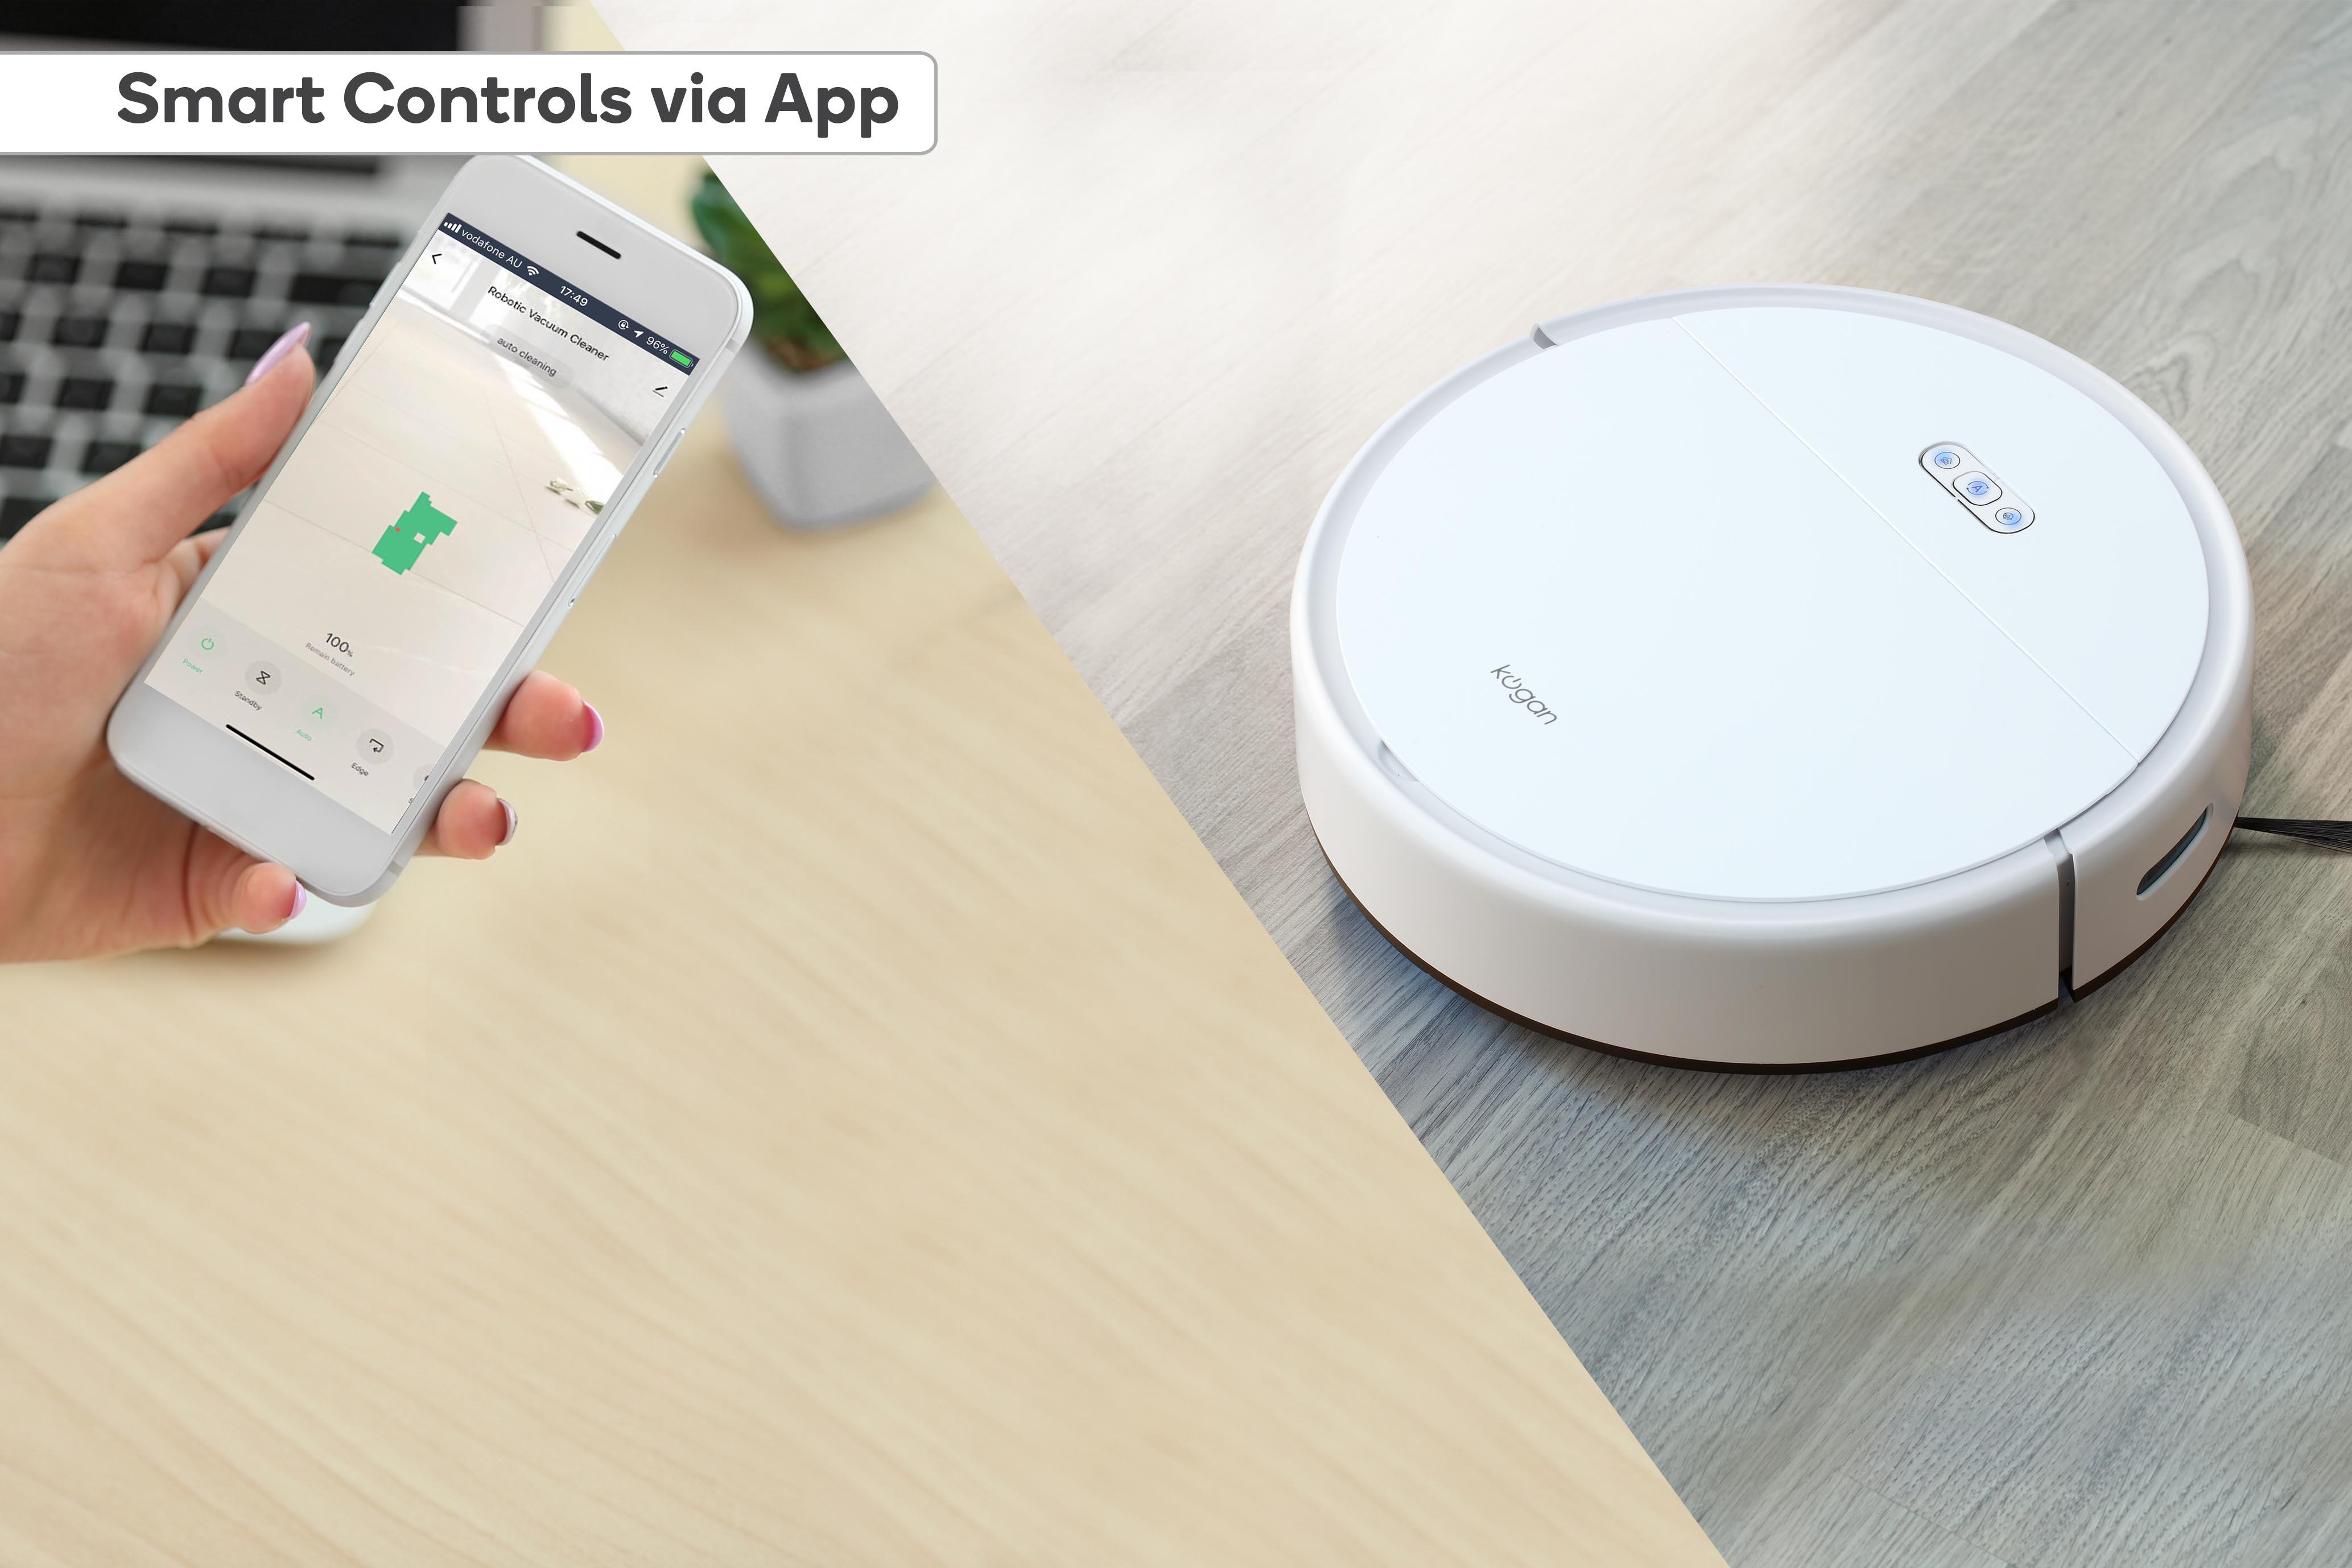 Smart Controls via App